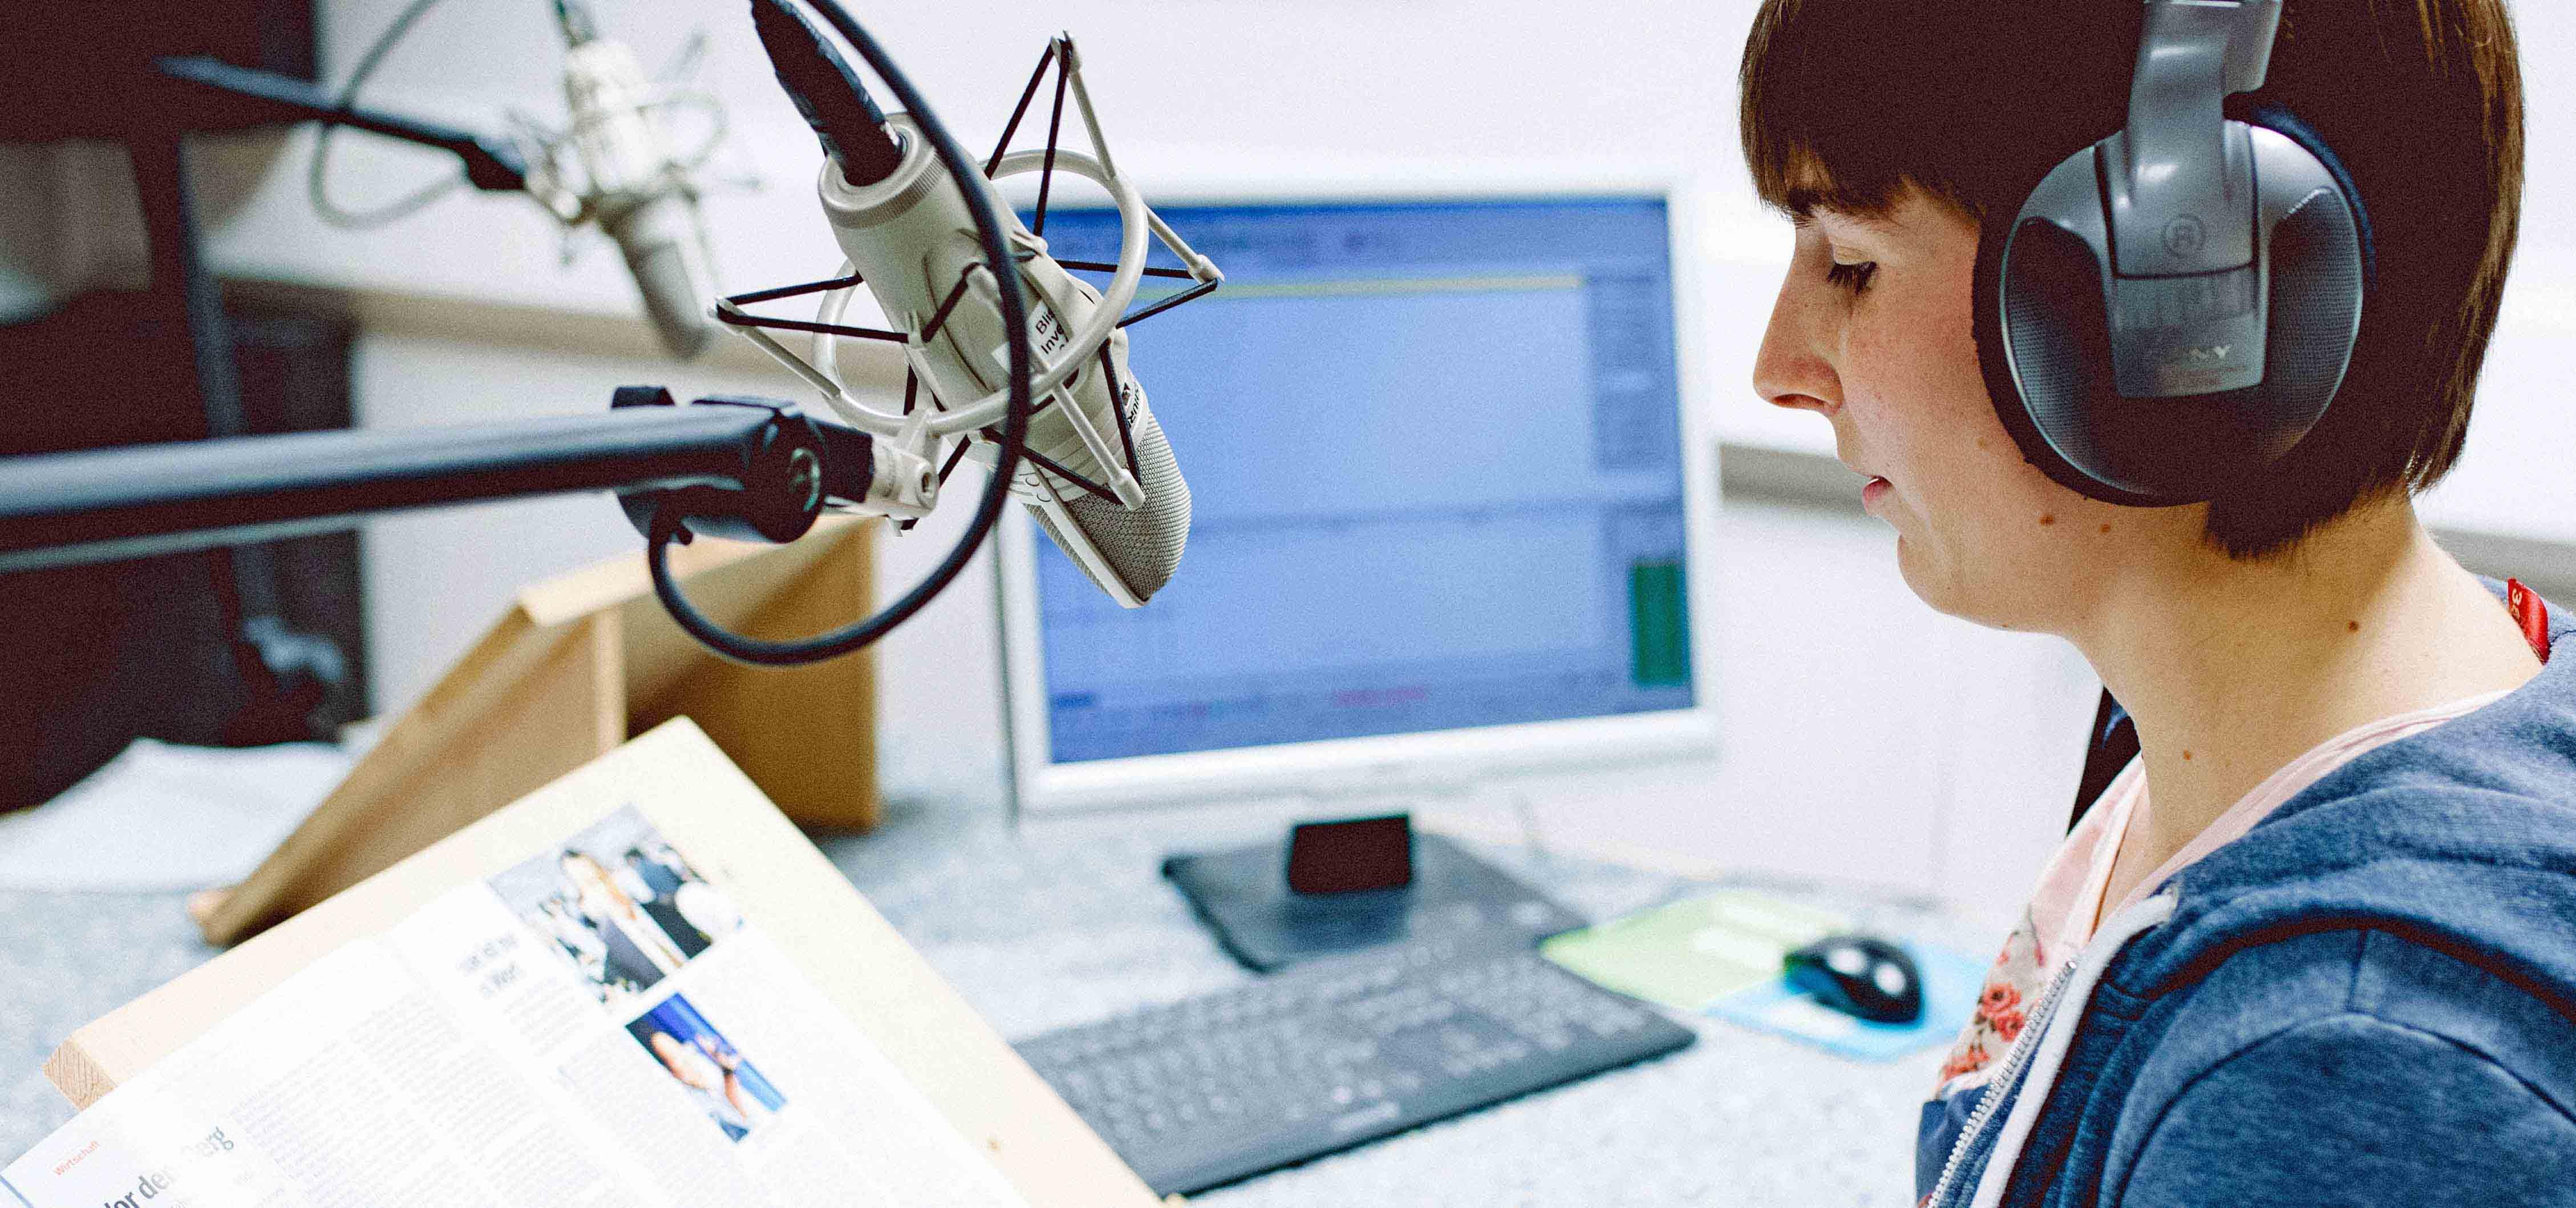 Eine Sprecherin bei Tonaufnahmen im Studio